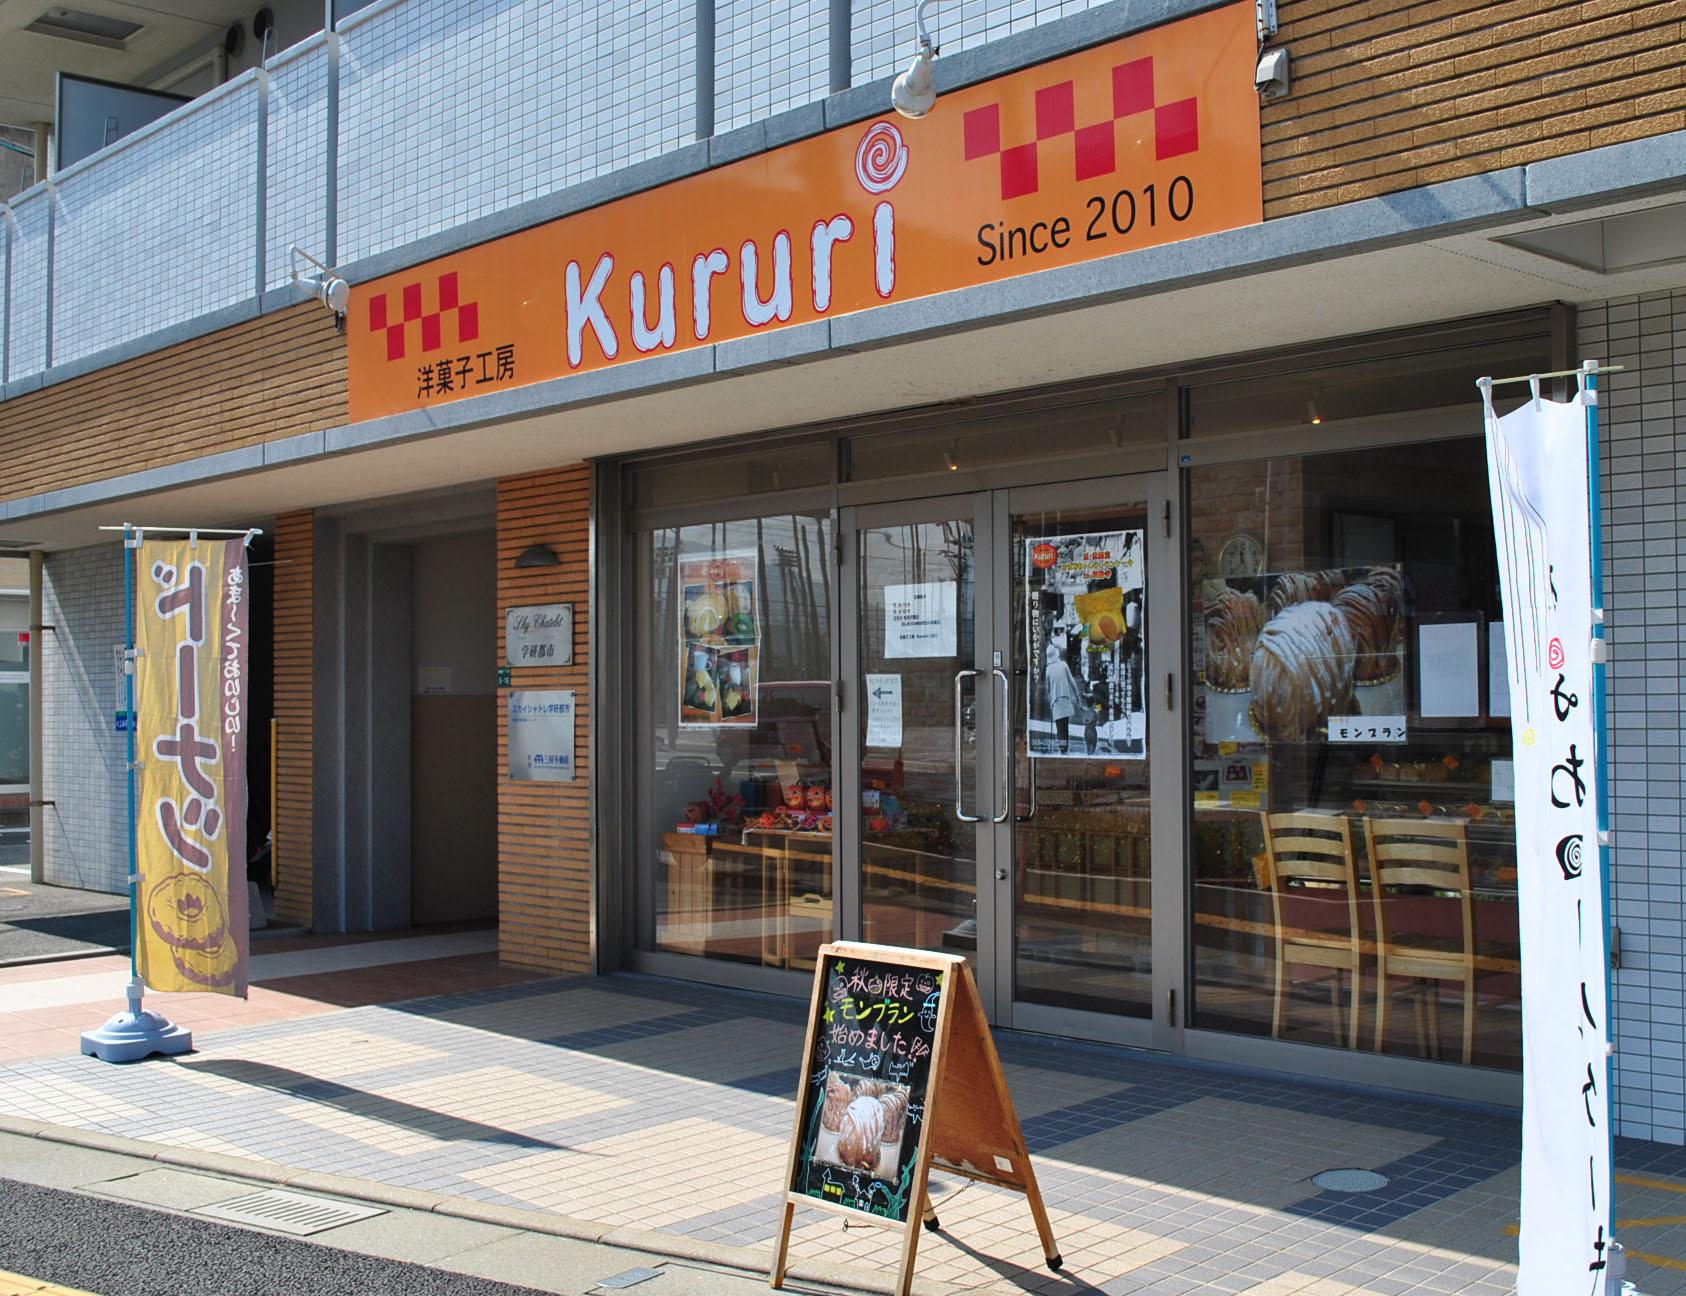 美味しいロールケーキ専門店。福岡市西区の洋菓子工房Kururi。